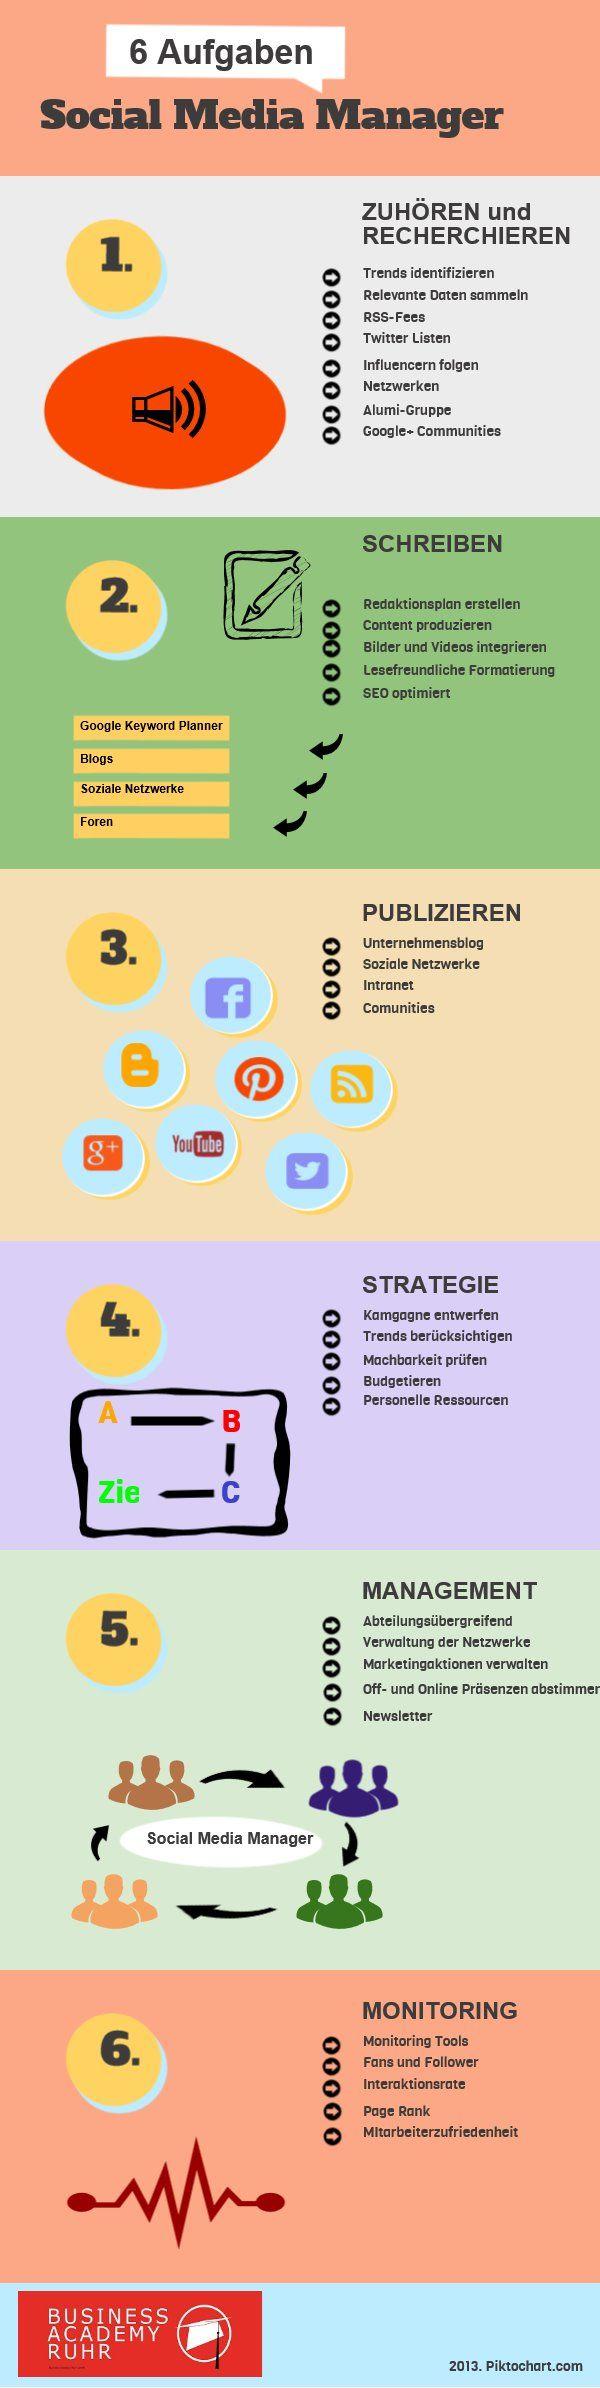 Aufgaben eines Social Media Managers